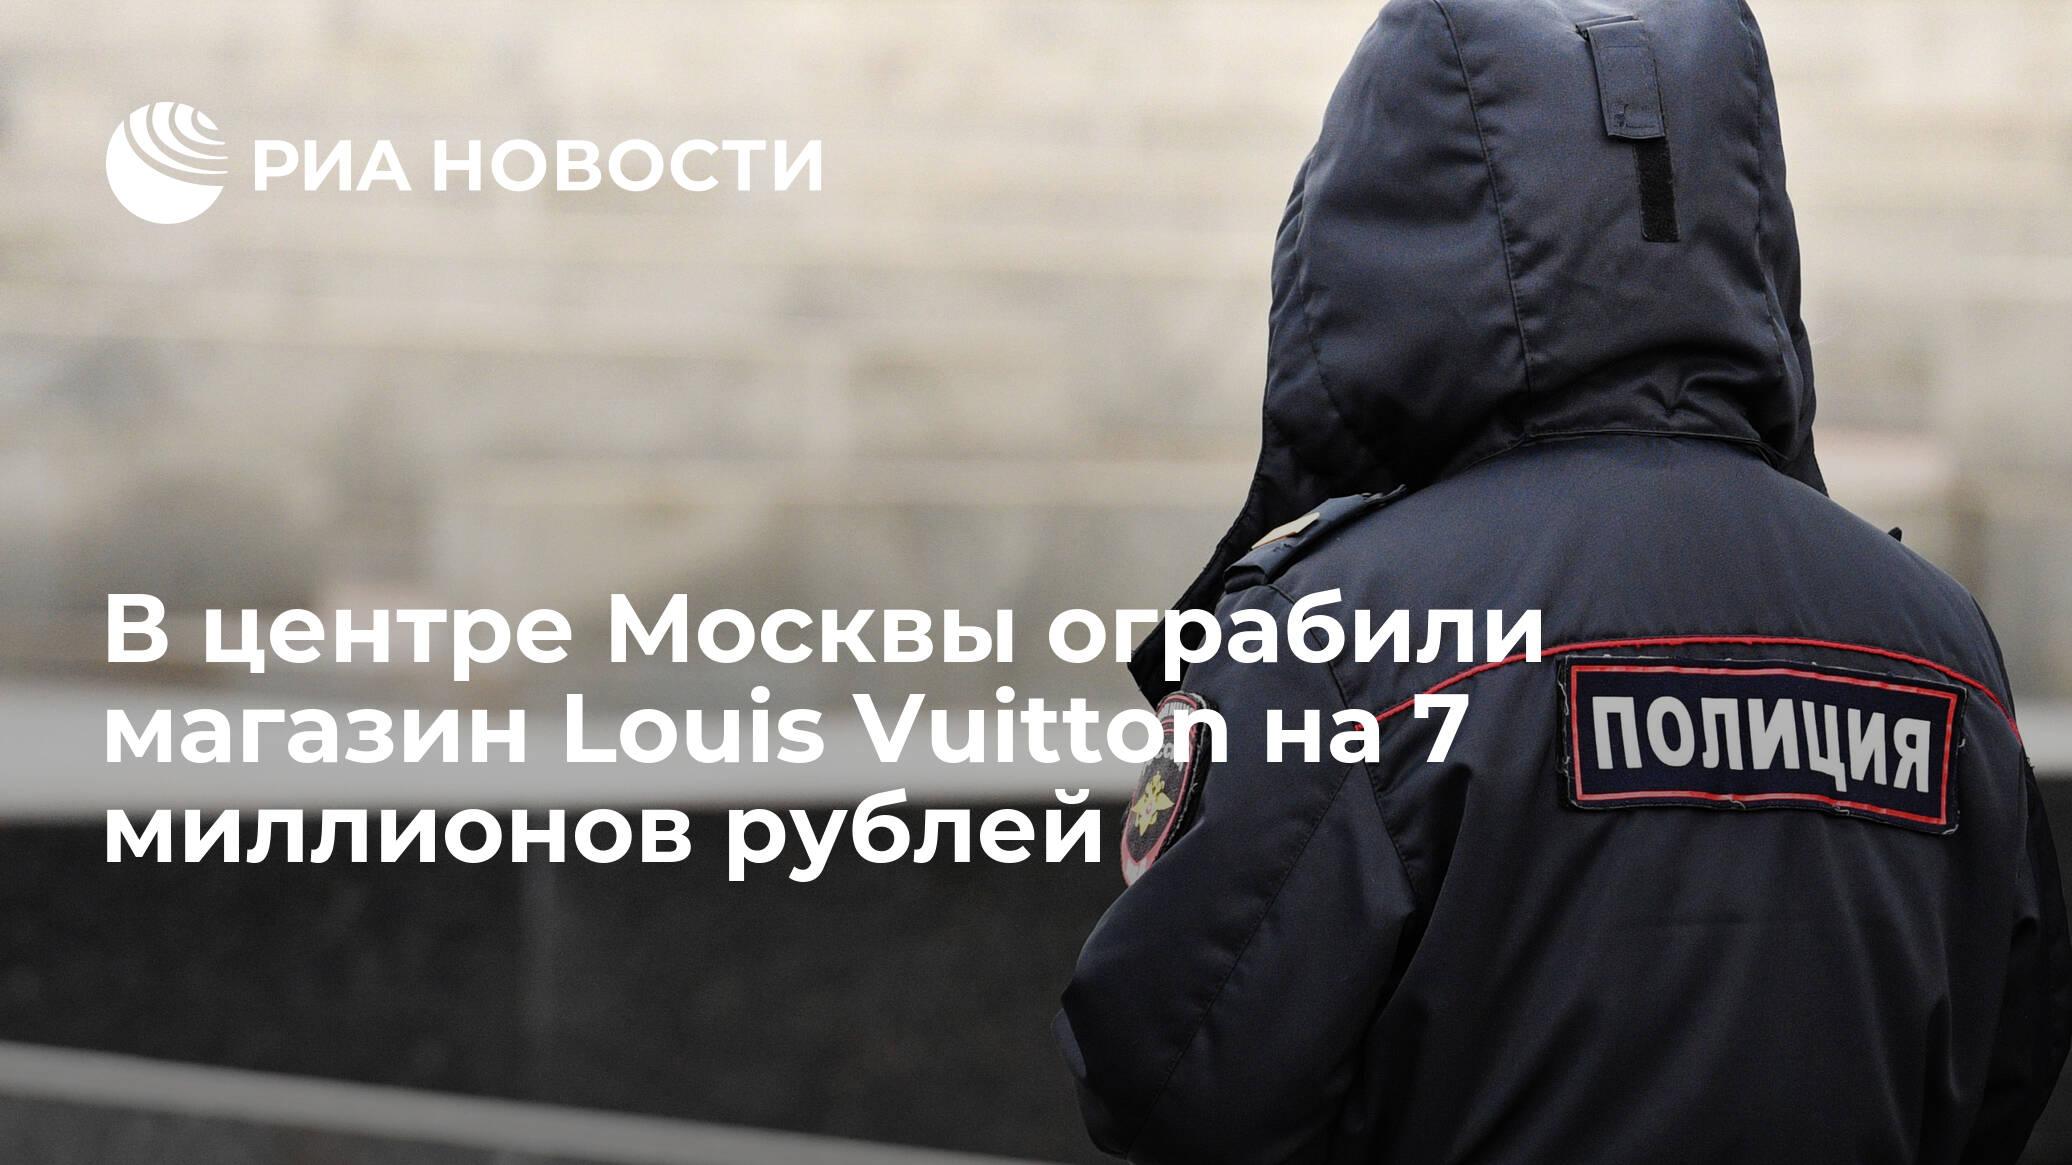 243acfc68b17 В центре Москвы ограбили магазин Louis Vuitton на 7 миллионов рублей - РИА  Новости, 31.12.2018